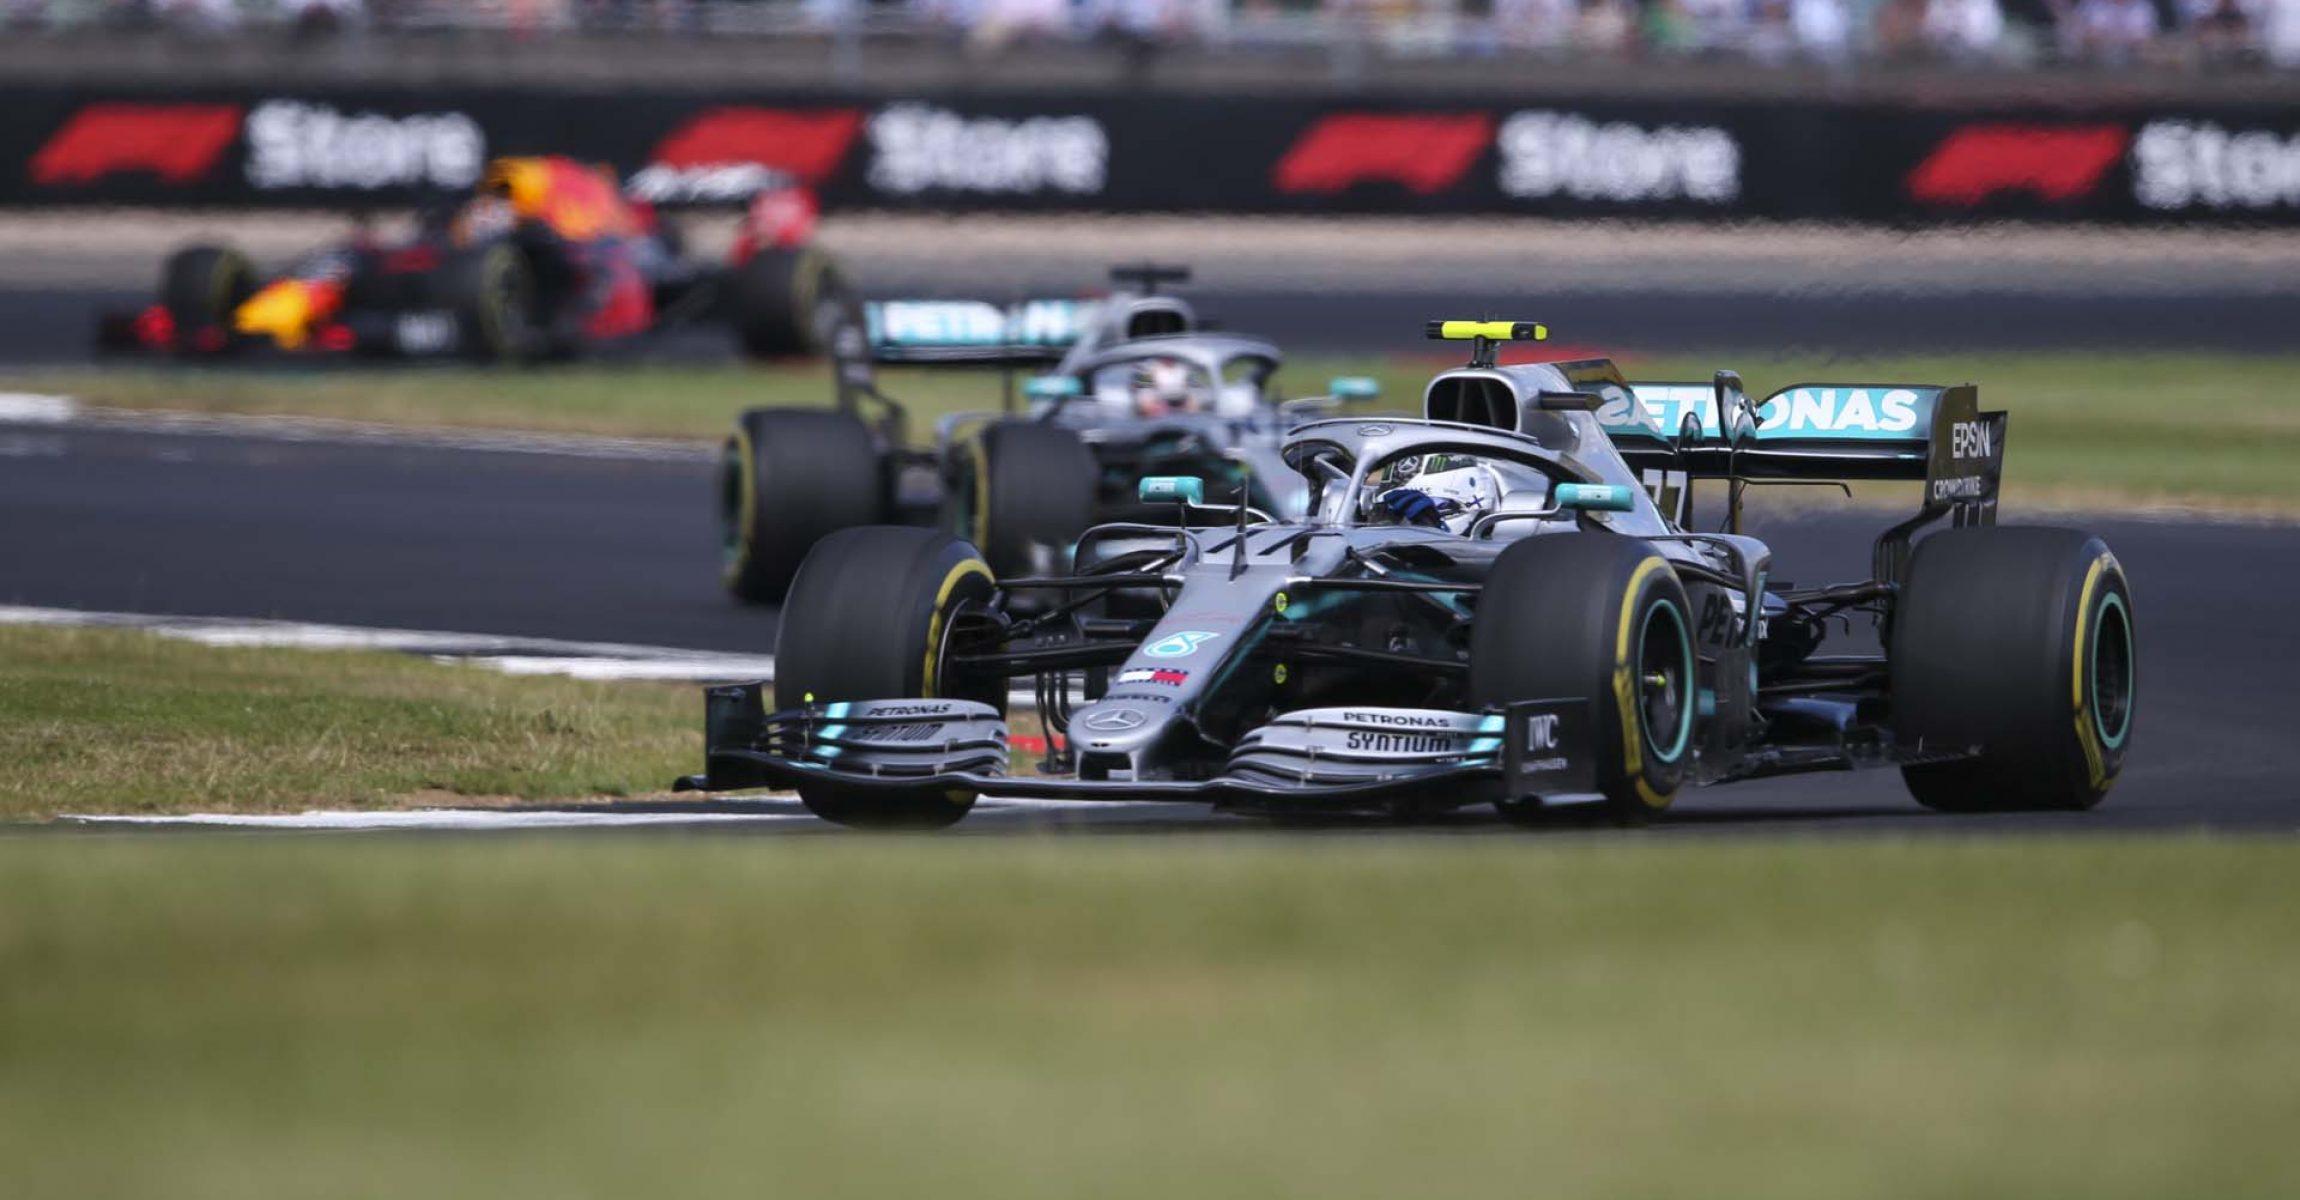 2019 British Grand Prix, Sunday - LAT Images Valtteri Bottas Mercedes